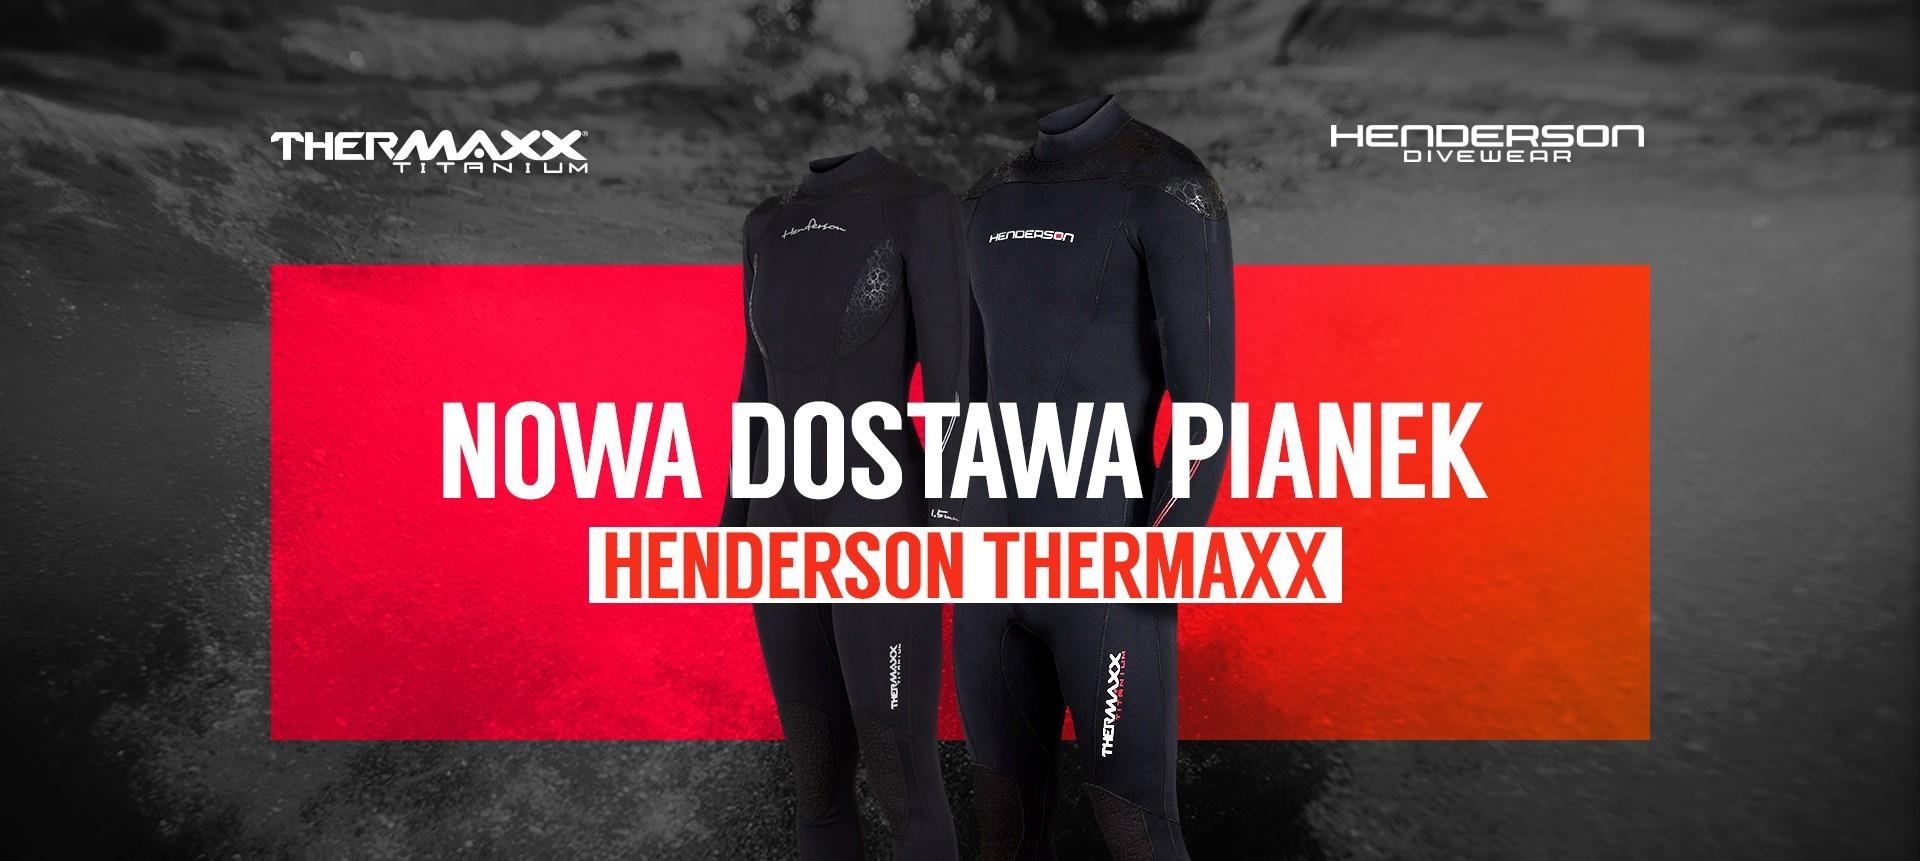 TherMaxx - Dostawa